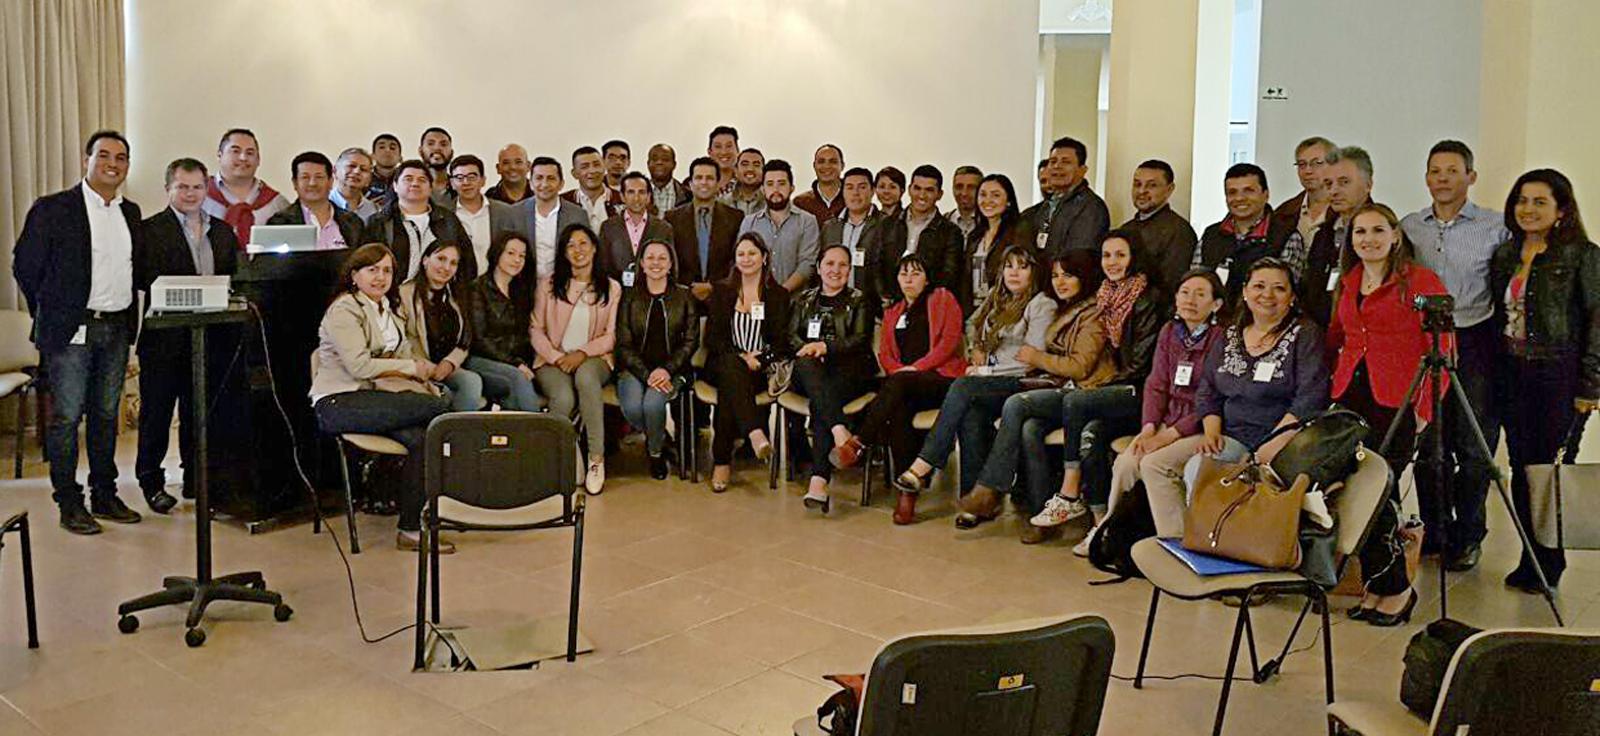 Asociación de Técnicos y Tecnólogos Dentales de Colombia -Attedco